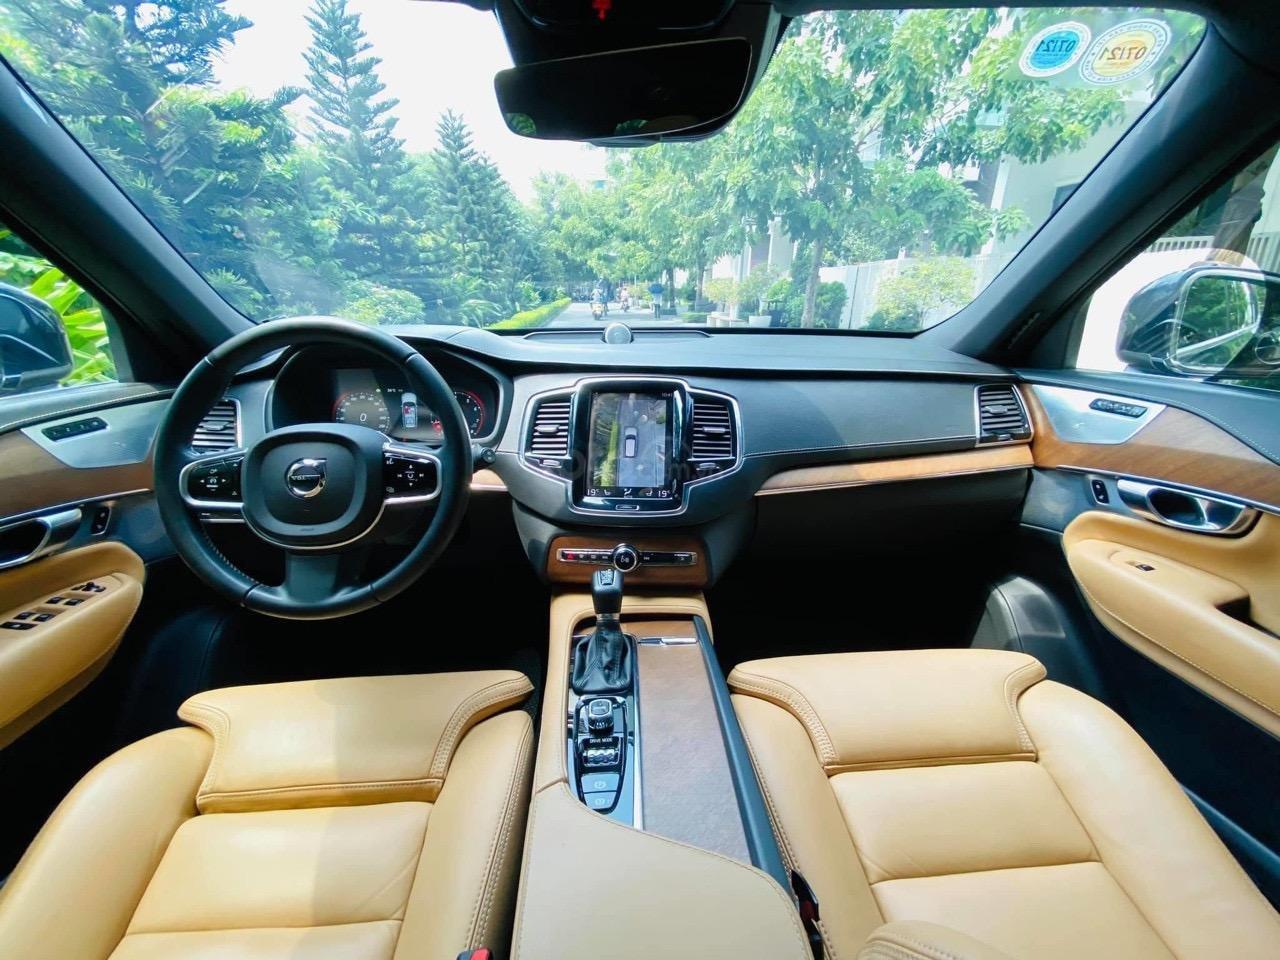 Bán ô tô Volvo XC90 2017 nhập khẩu Thuỵ Điển (5)